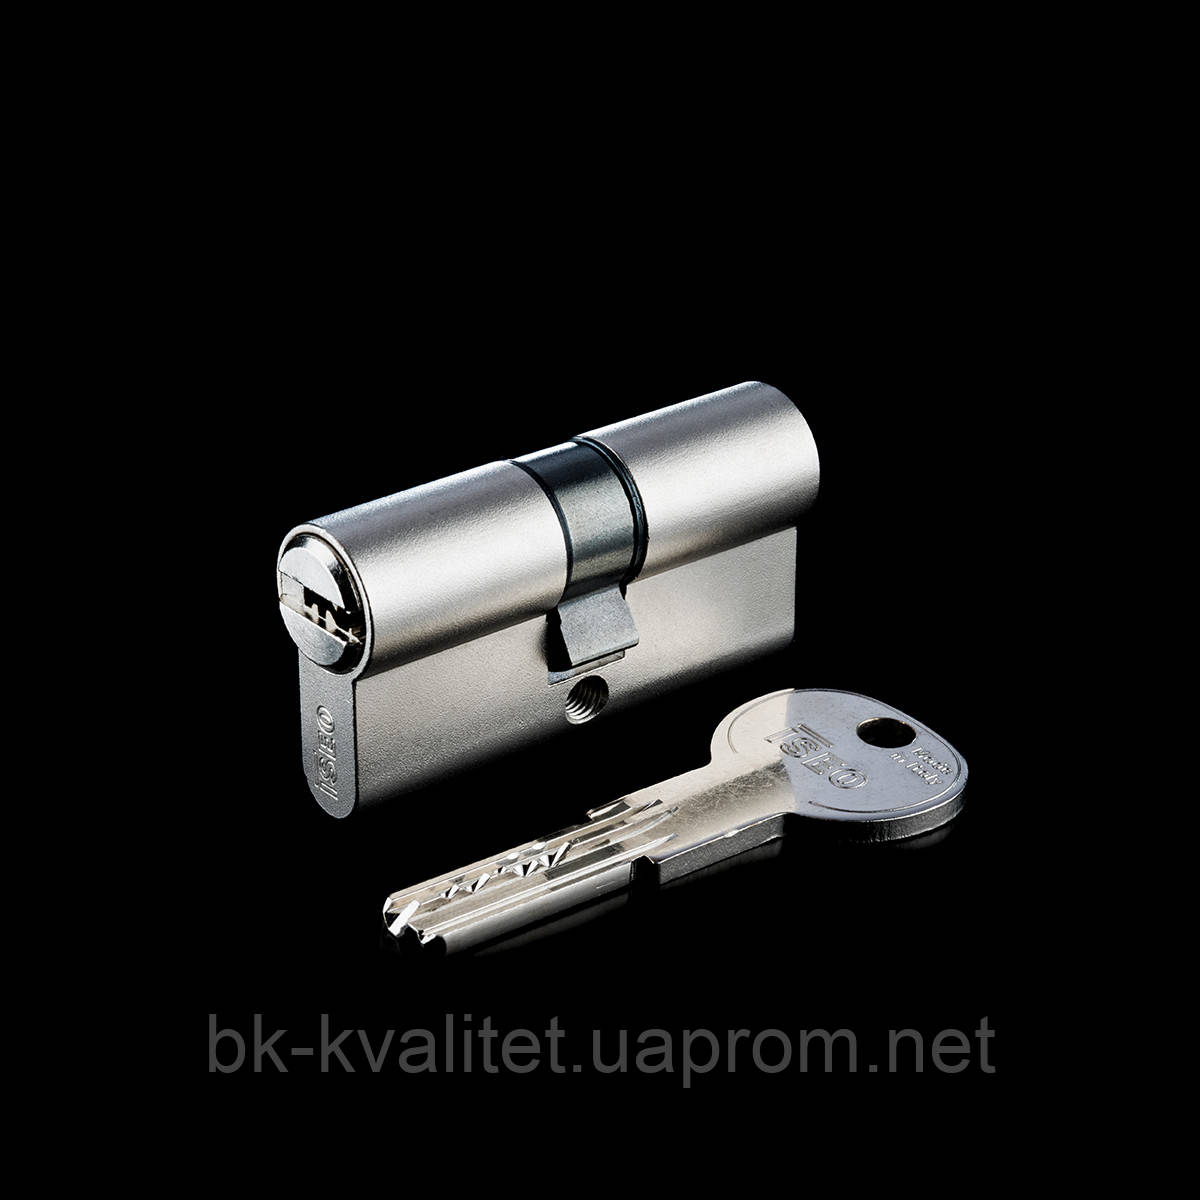 Цилиндр ISEO R6 110 (55х55) ключ/ключ, никель